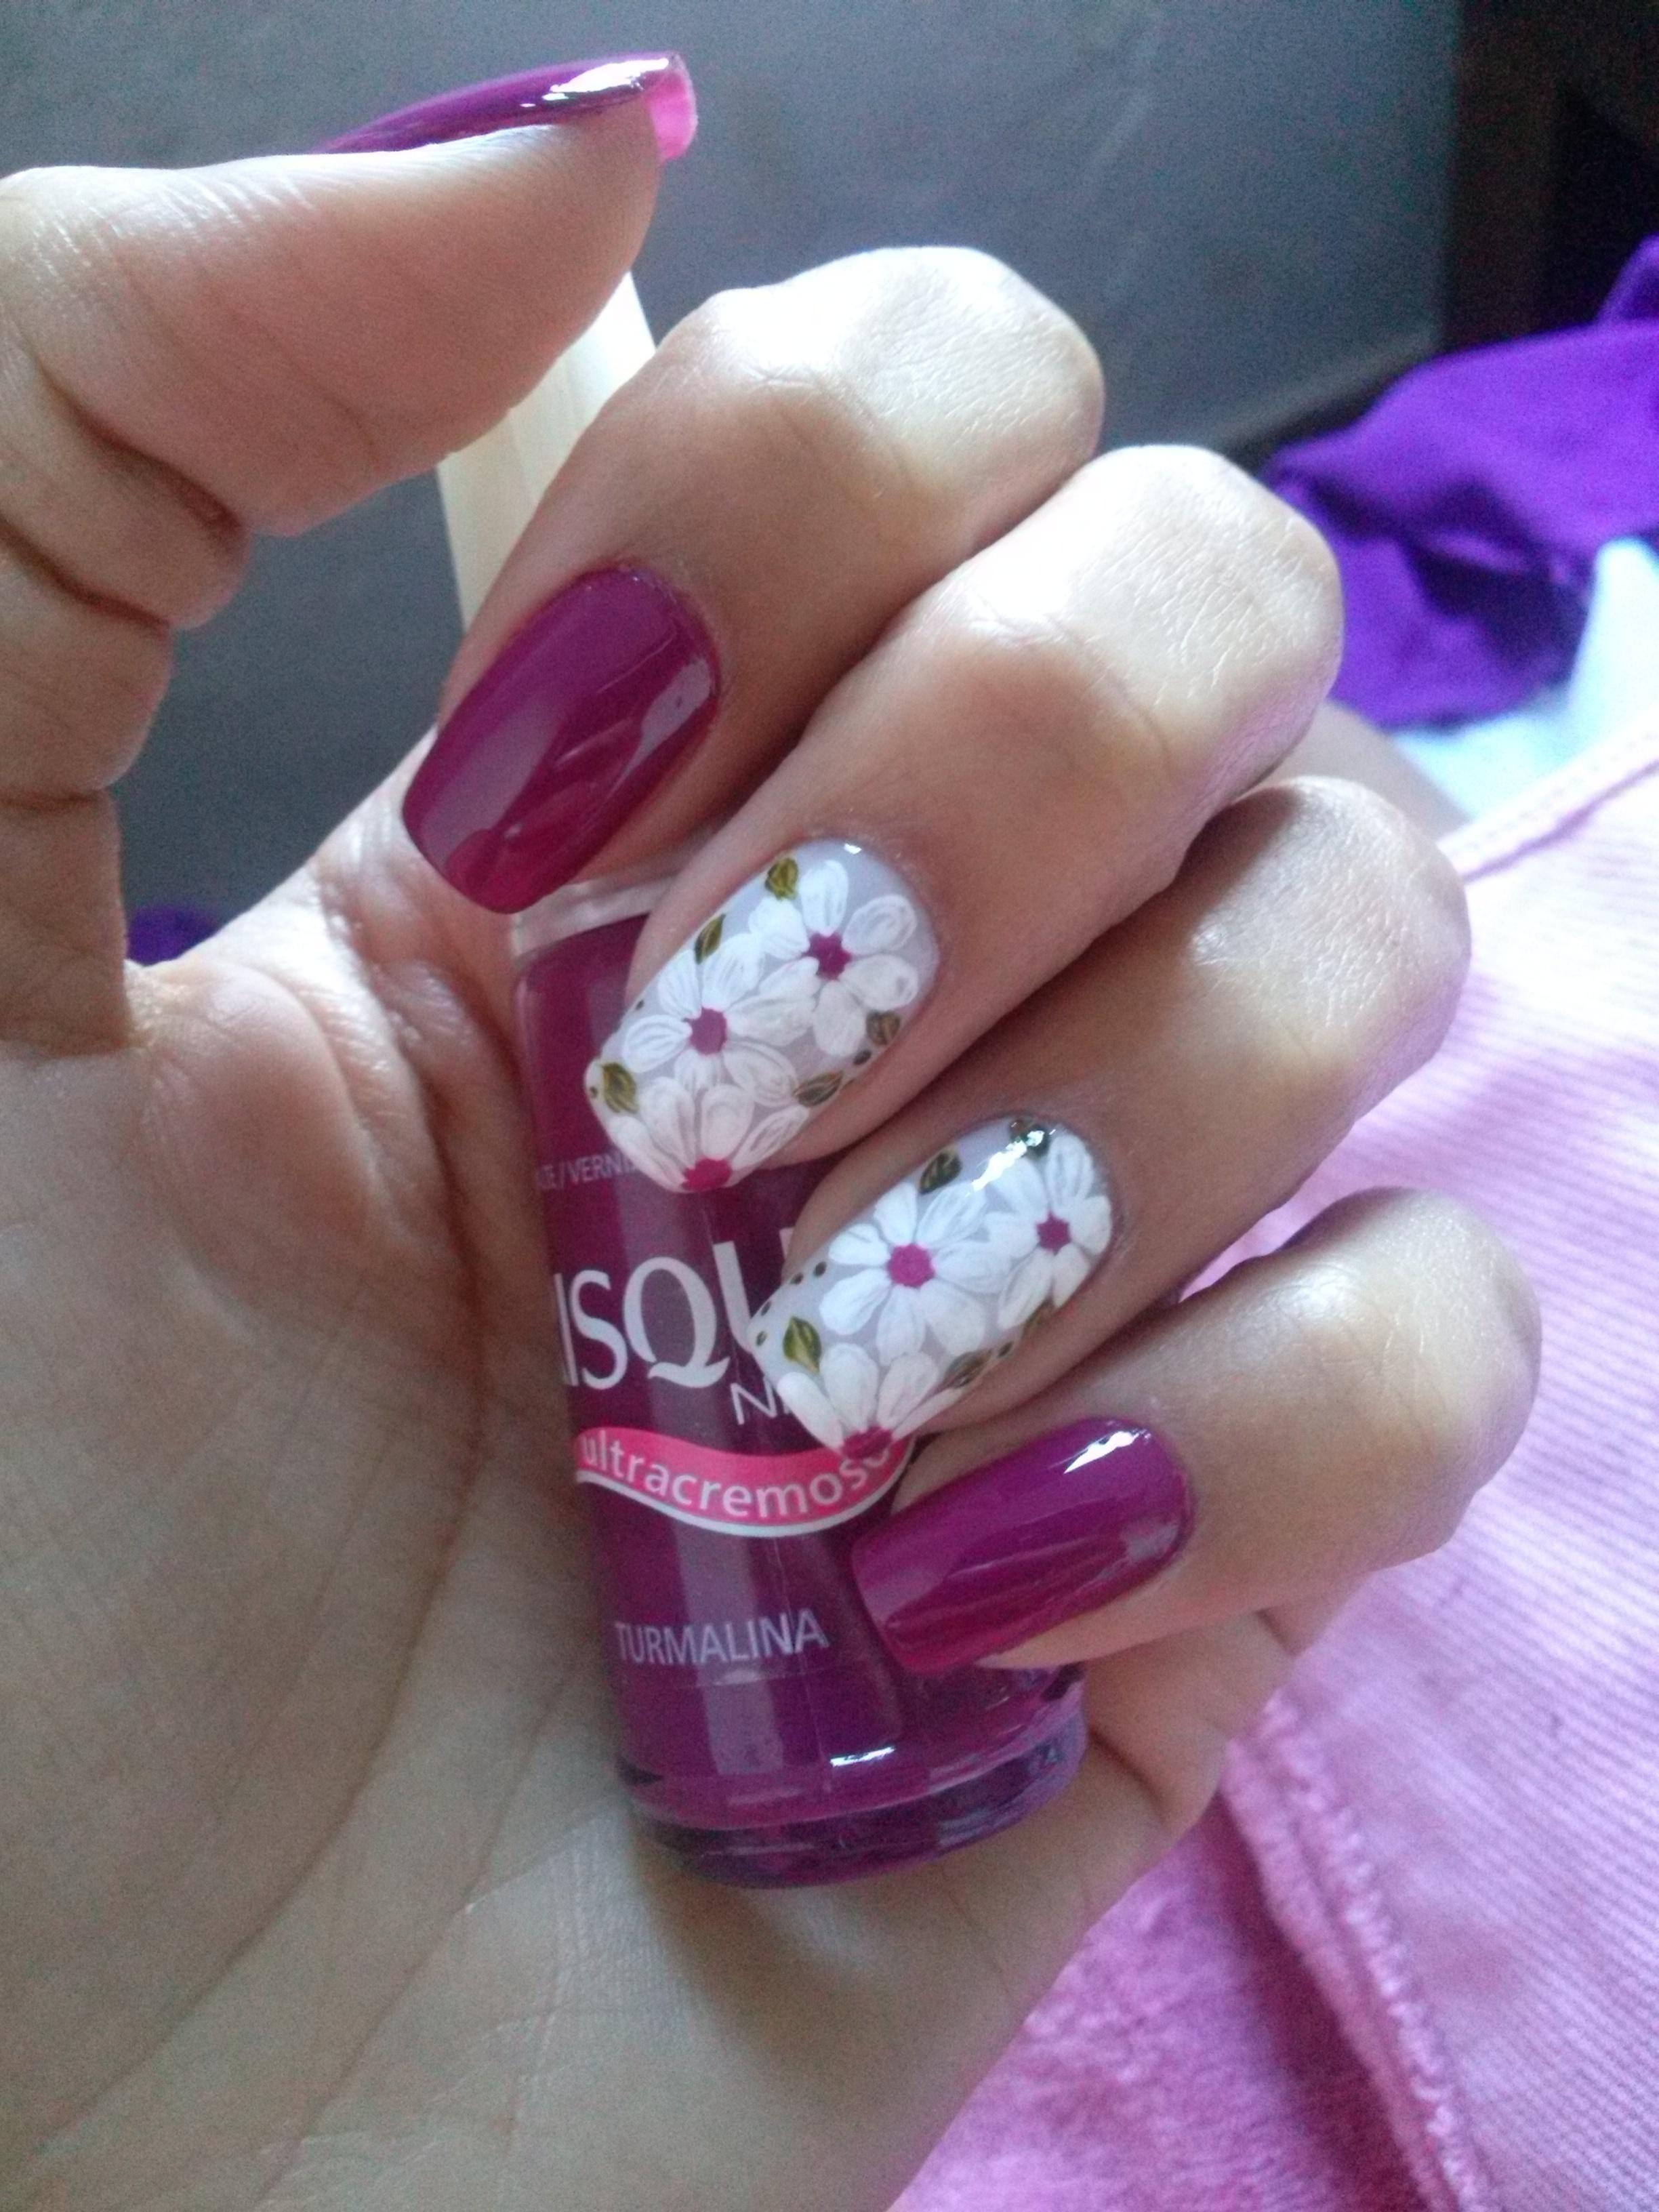 Decorações com flores deixam as unhas alegres . #EsmalteTurmaline unha manicure e pedicure massoterapeuta recepcionista